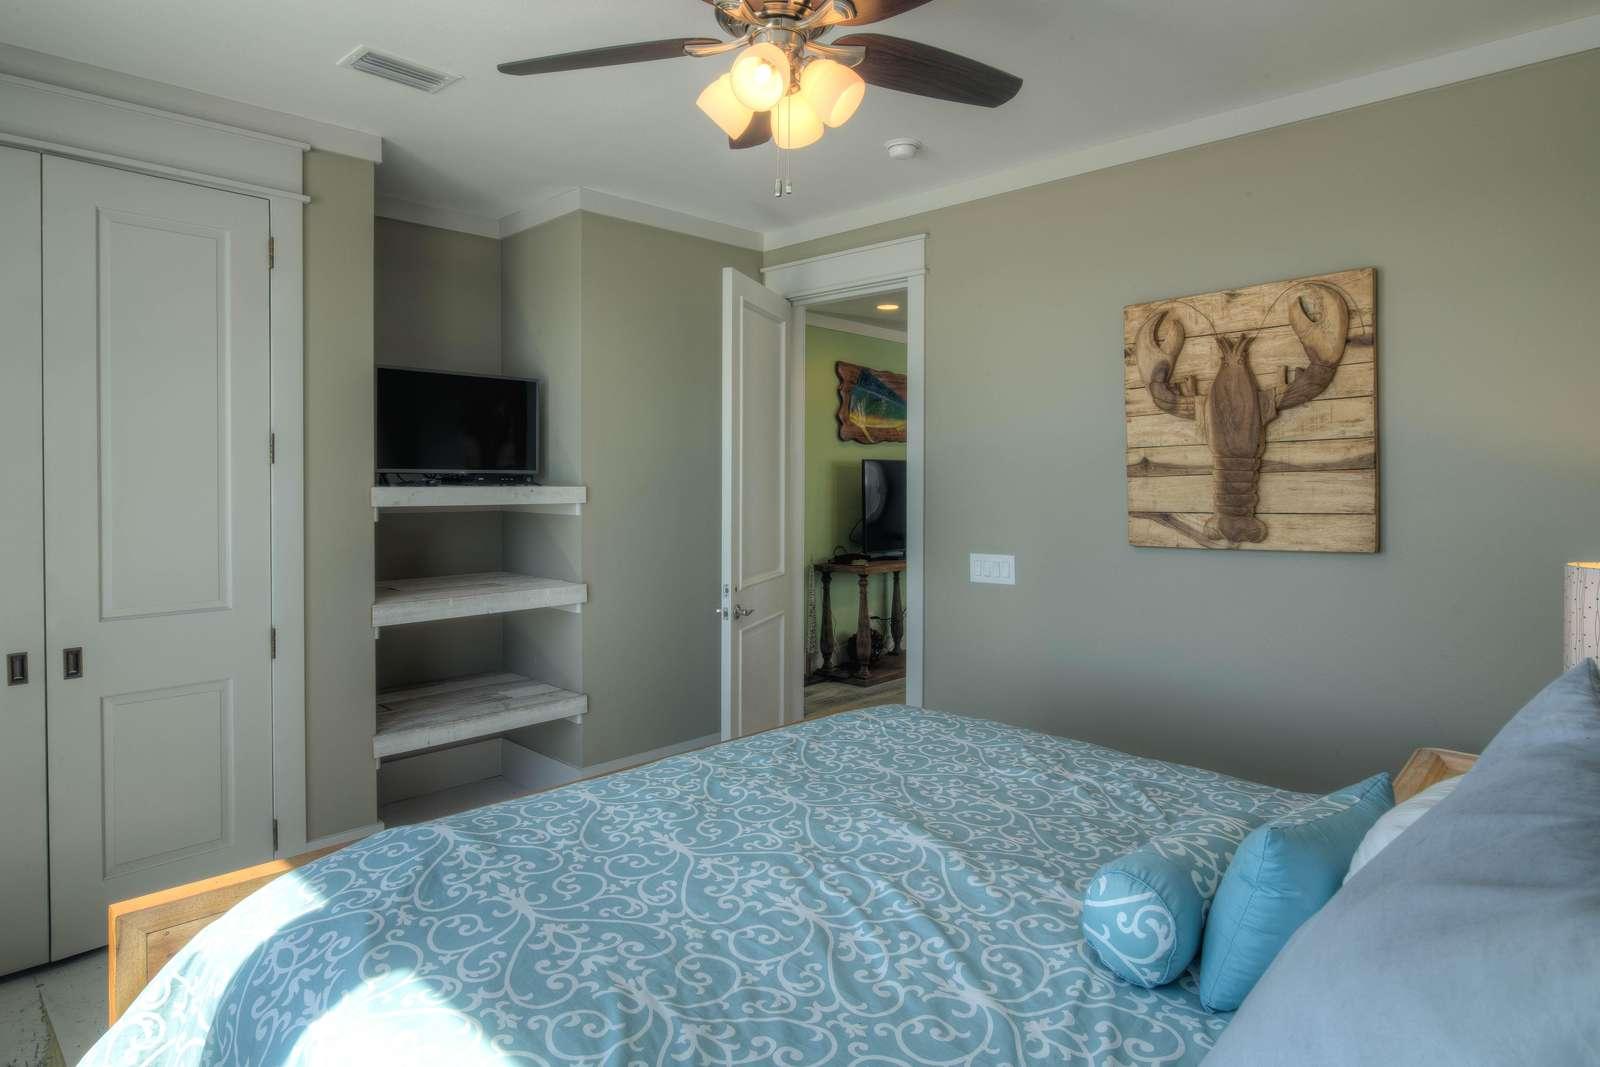 King Bedroom 3 - View 2